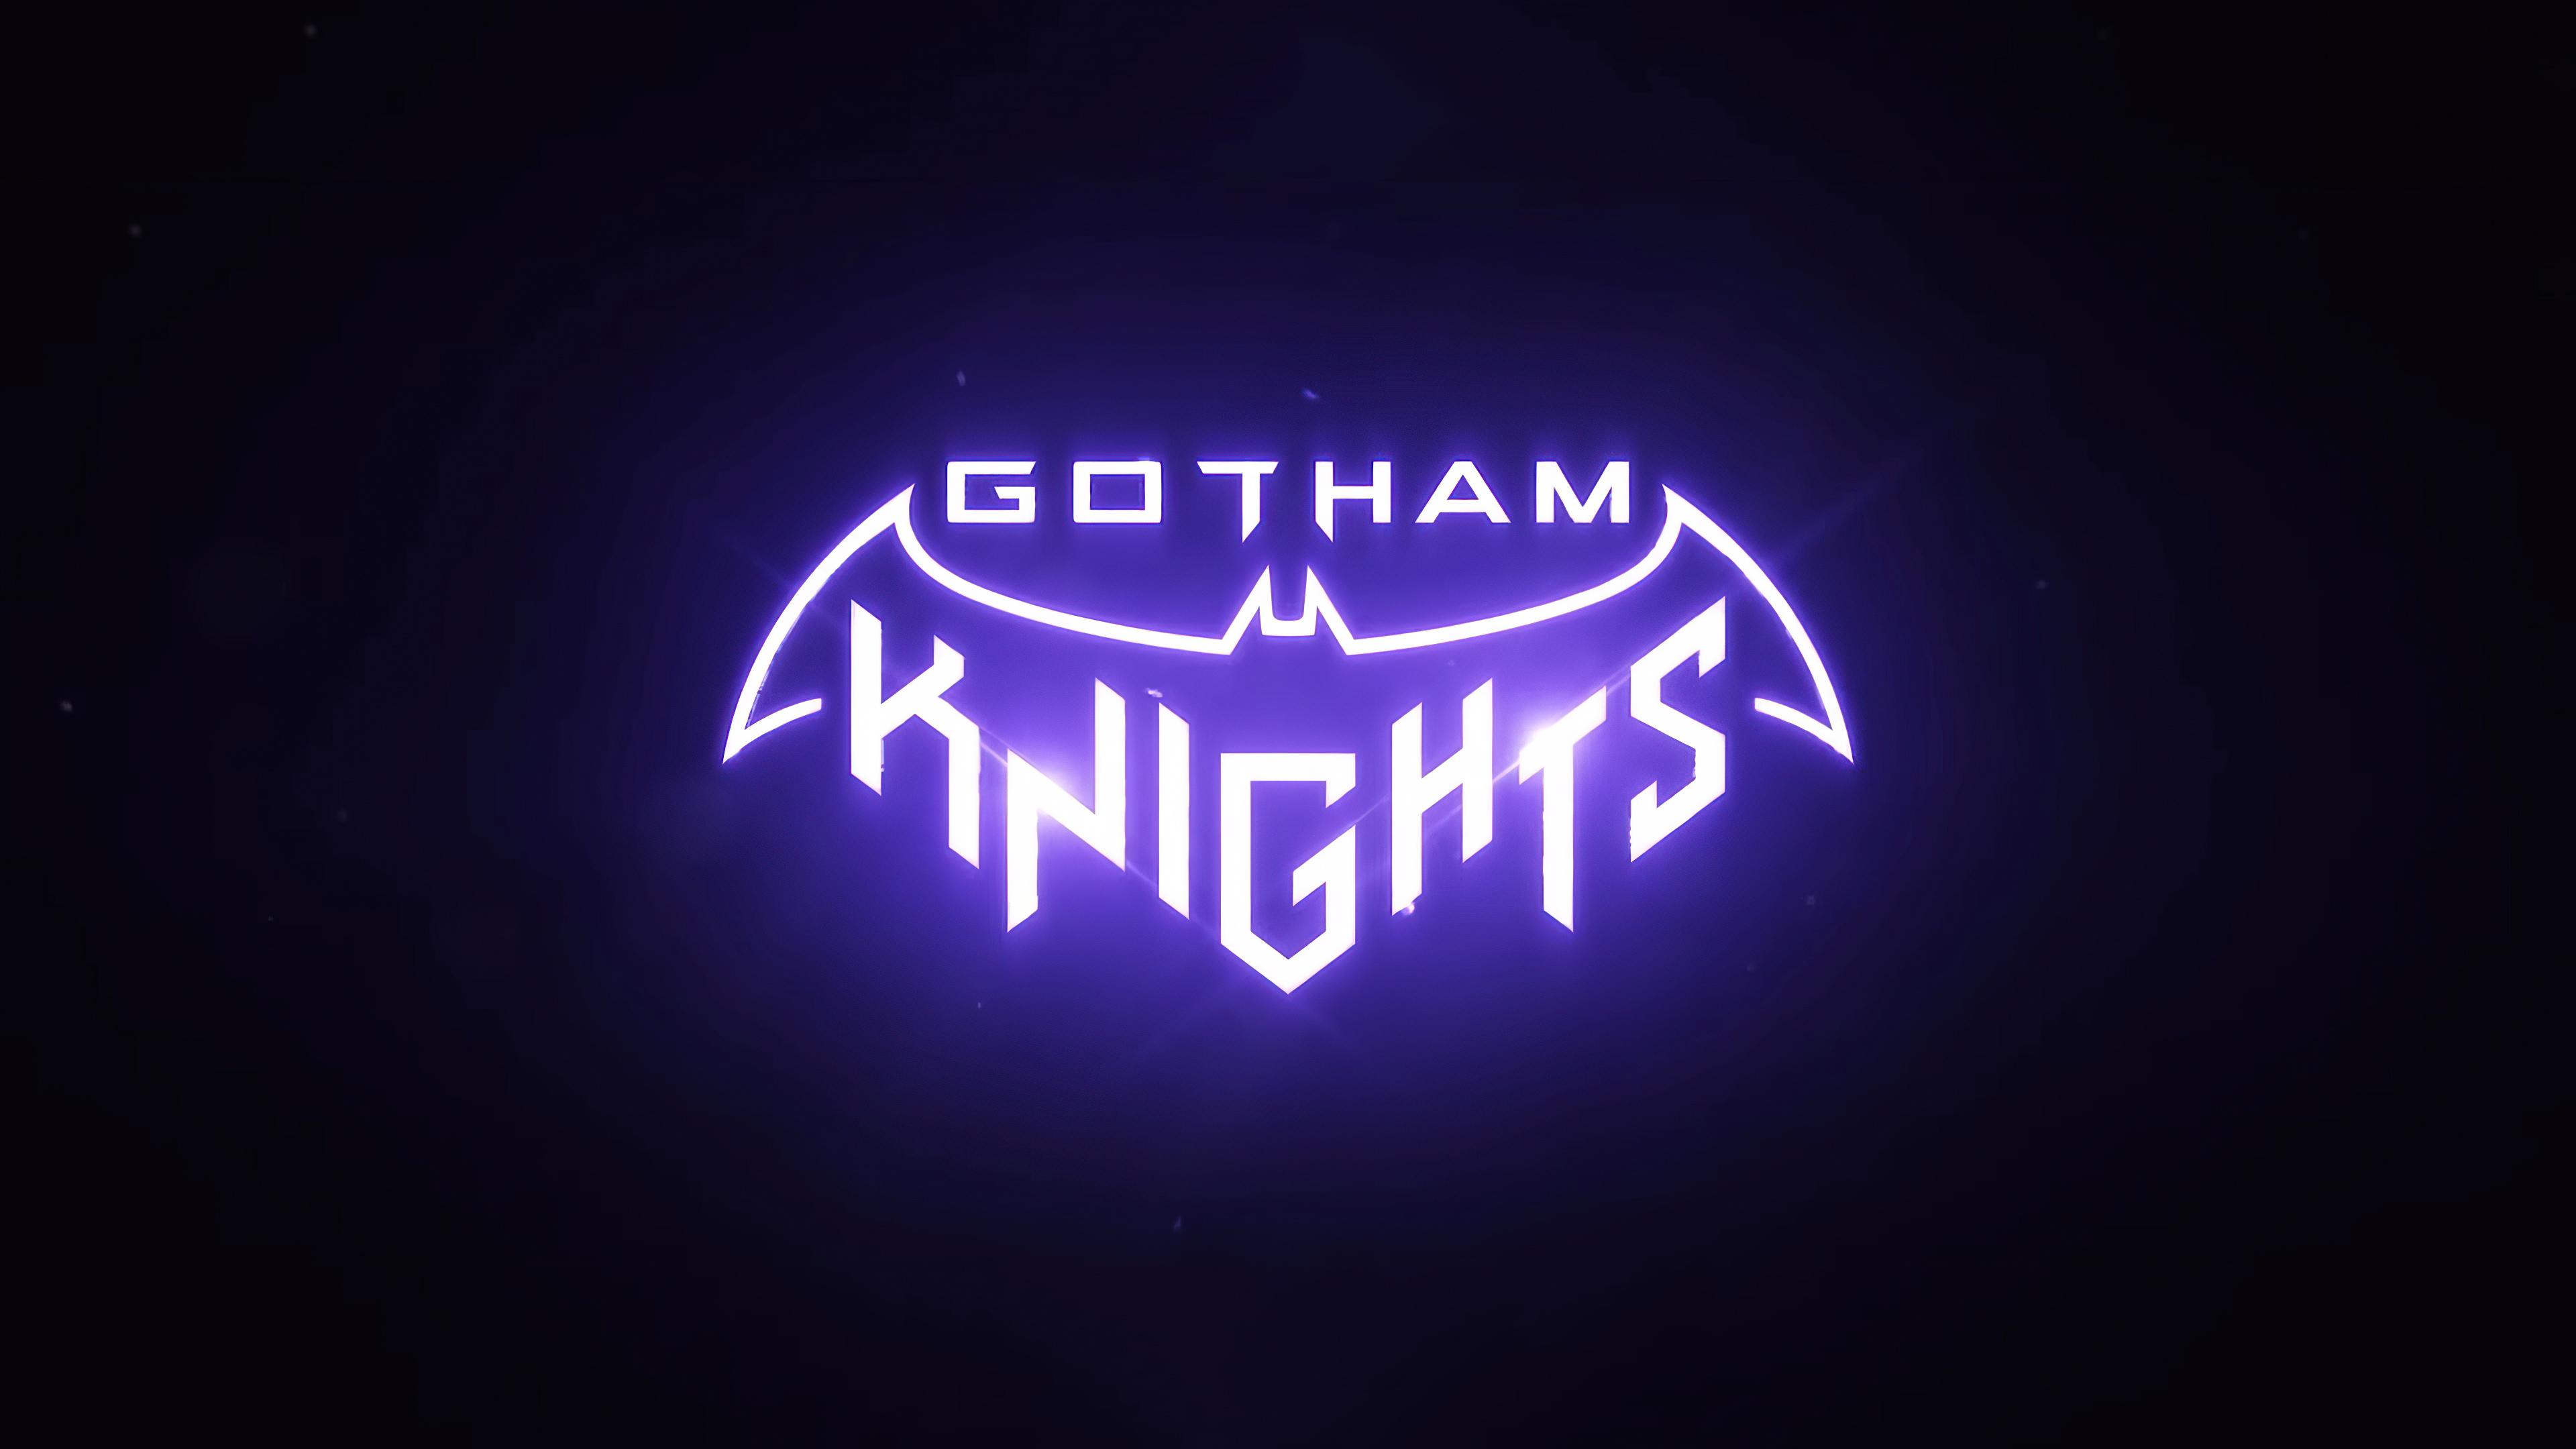 gotham knights 2021 w2